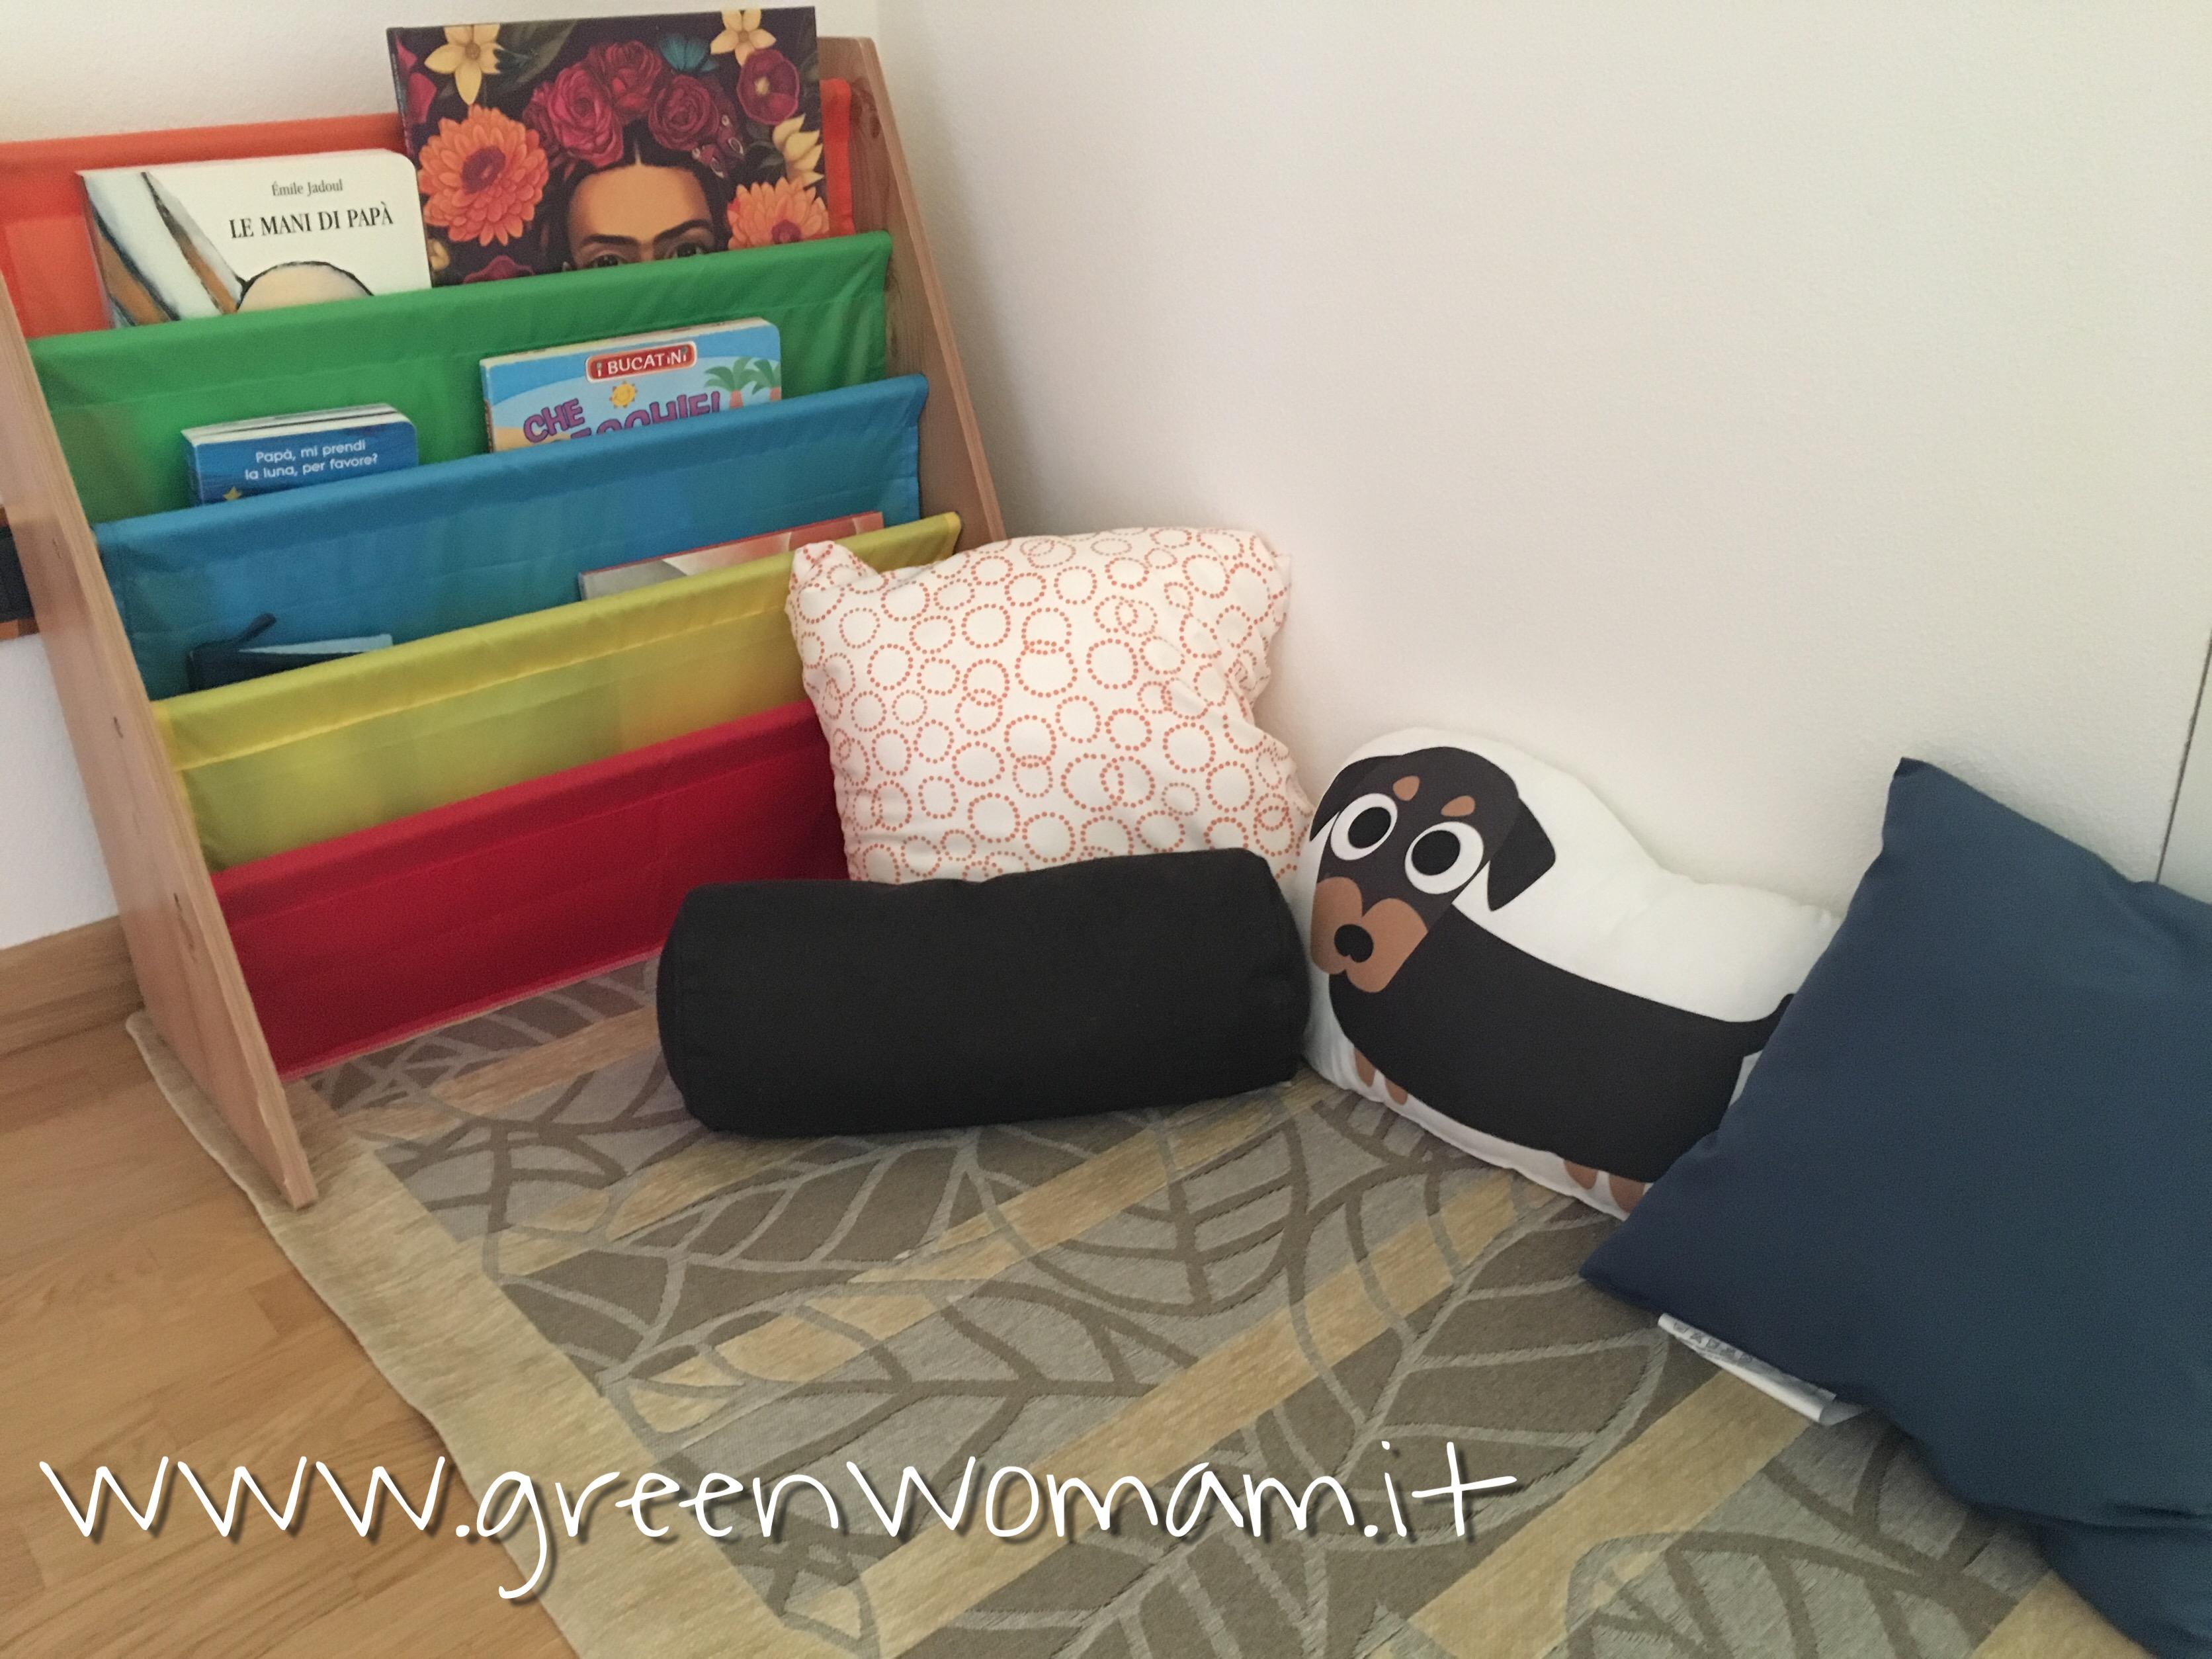 Cameretta Montessoriana Ikea : La nostra cameretta di ispirazione montessoriana 98% ikea green womam